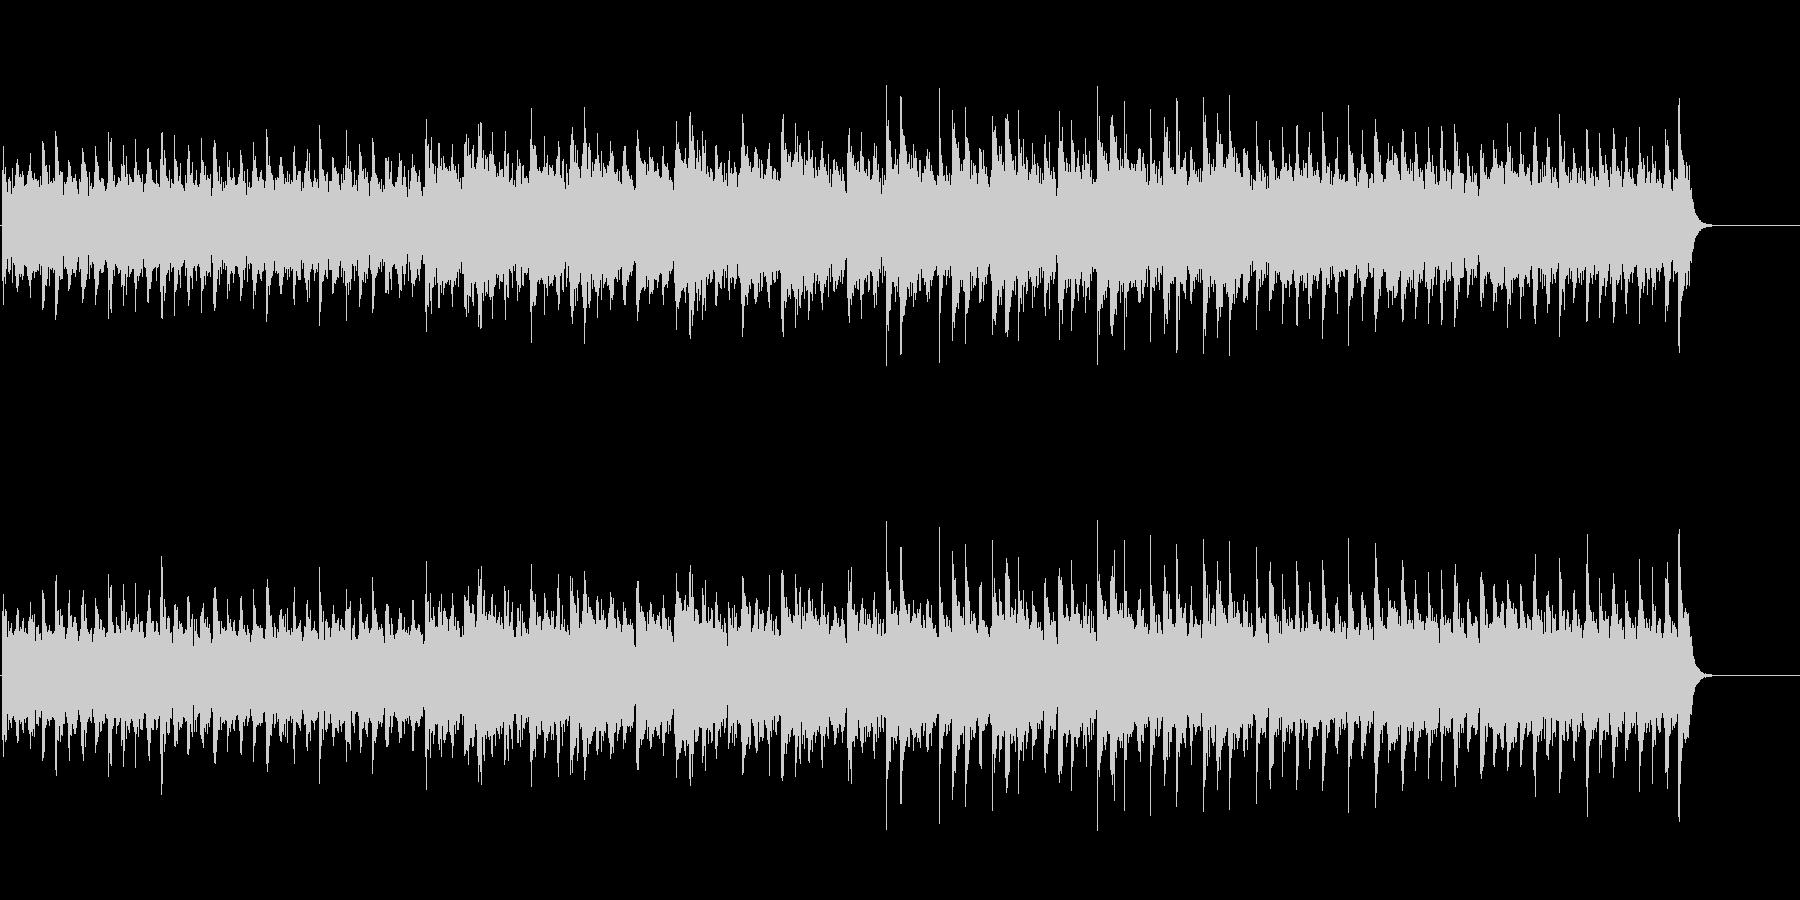 デジタルサウンド(テクノロジカルな感じ)の未再生の波形